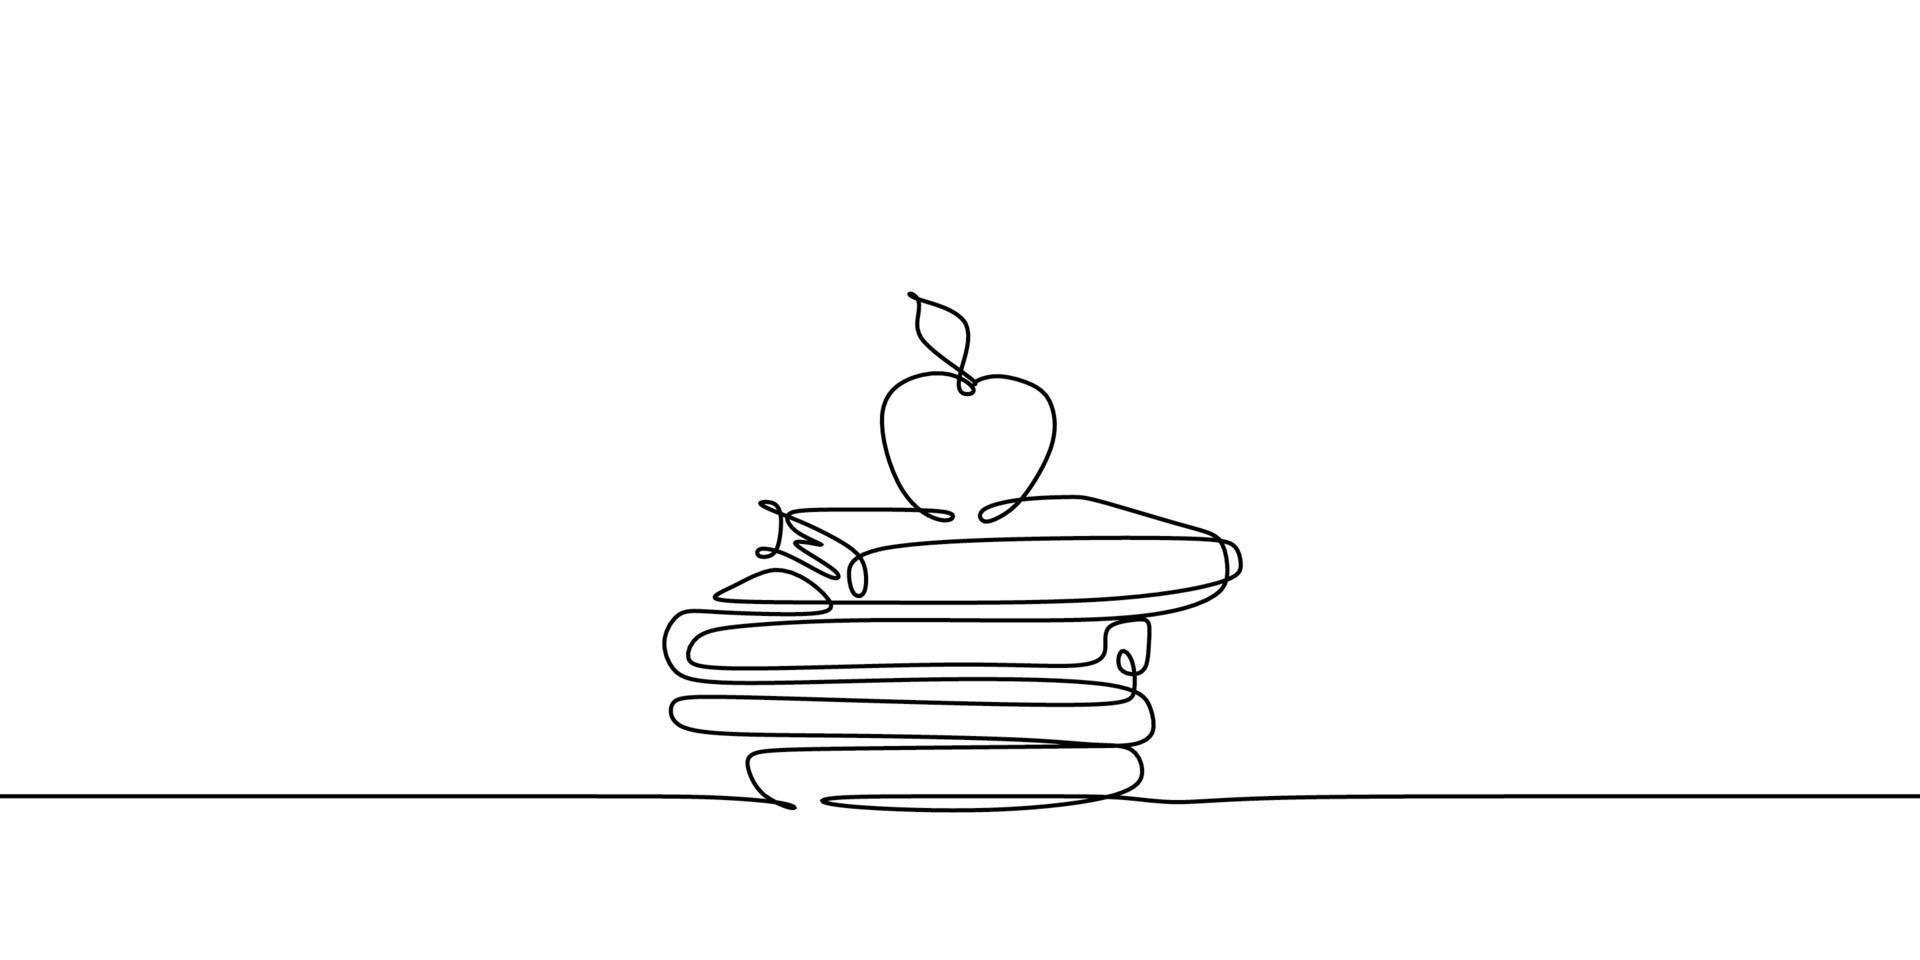 contínuo um desenho de linha de maçã acima livros empilhar design de ilustração vetorial minimalista sobre fundo branco. isolado estilo gráfico moderno de linha simples. mão desenhada conceito gráfico para educação vetor